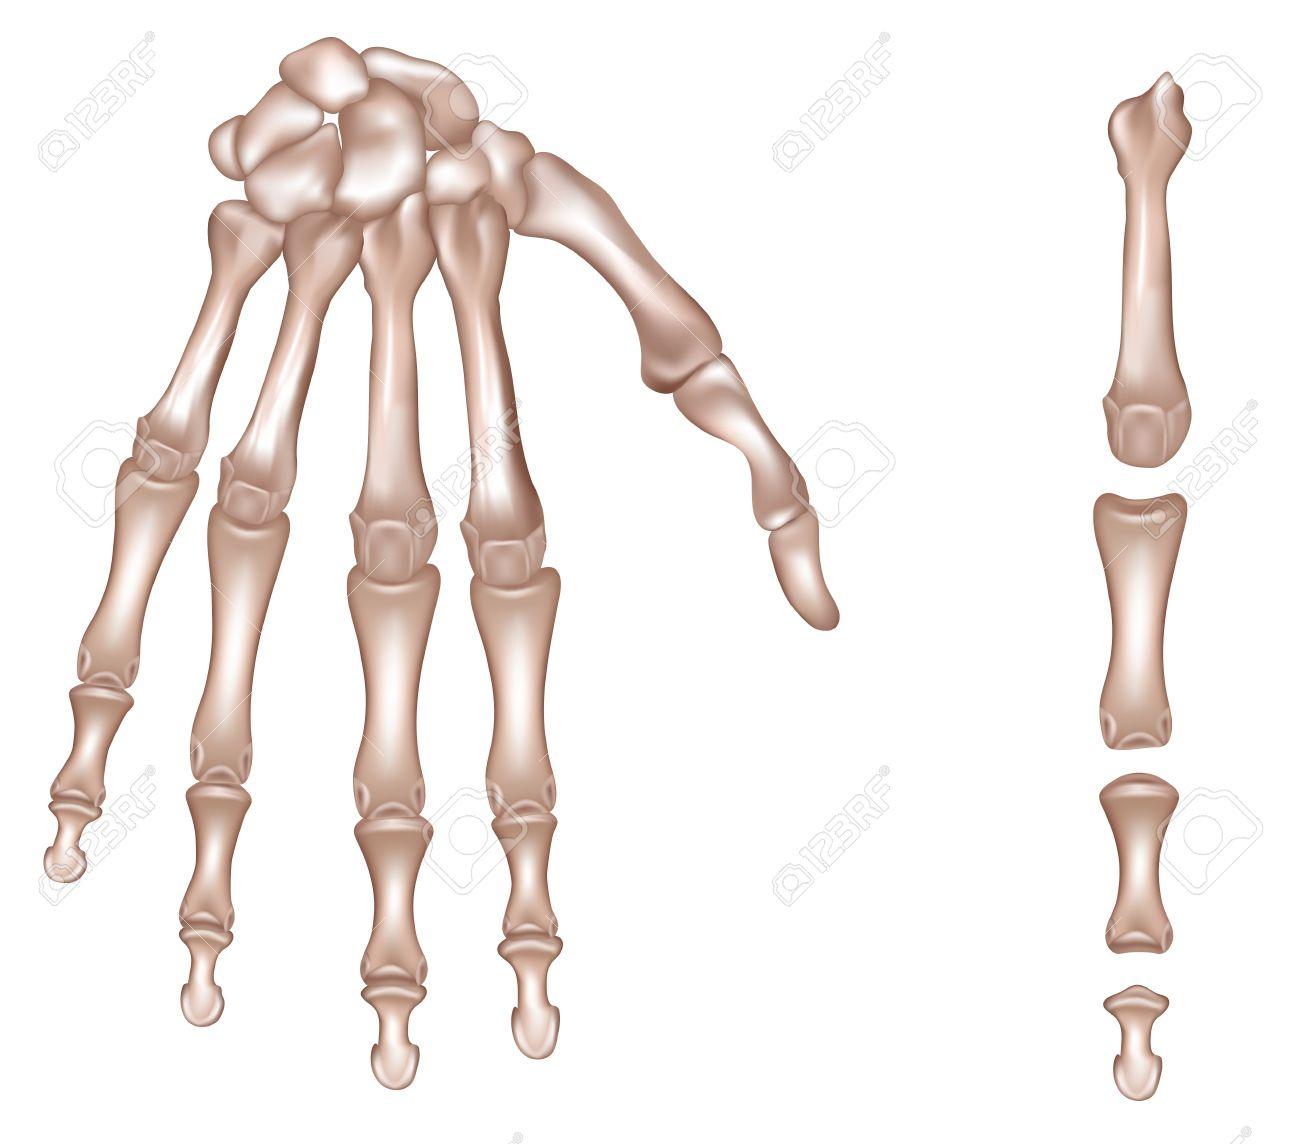 Los Huesos De La Mano Derecha Falanges Del Tercer Dedo De La Mano ...